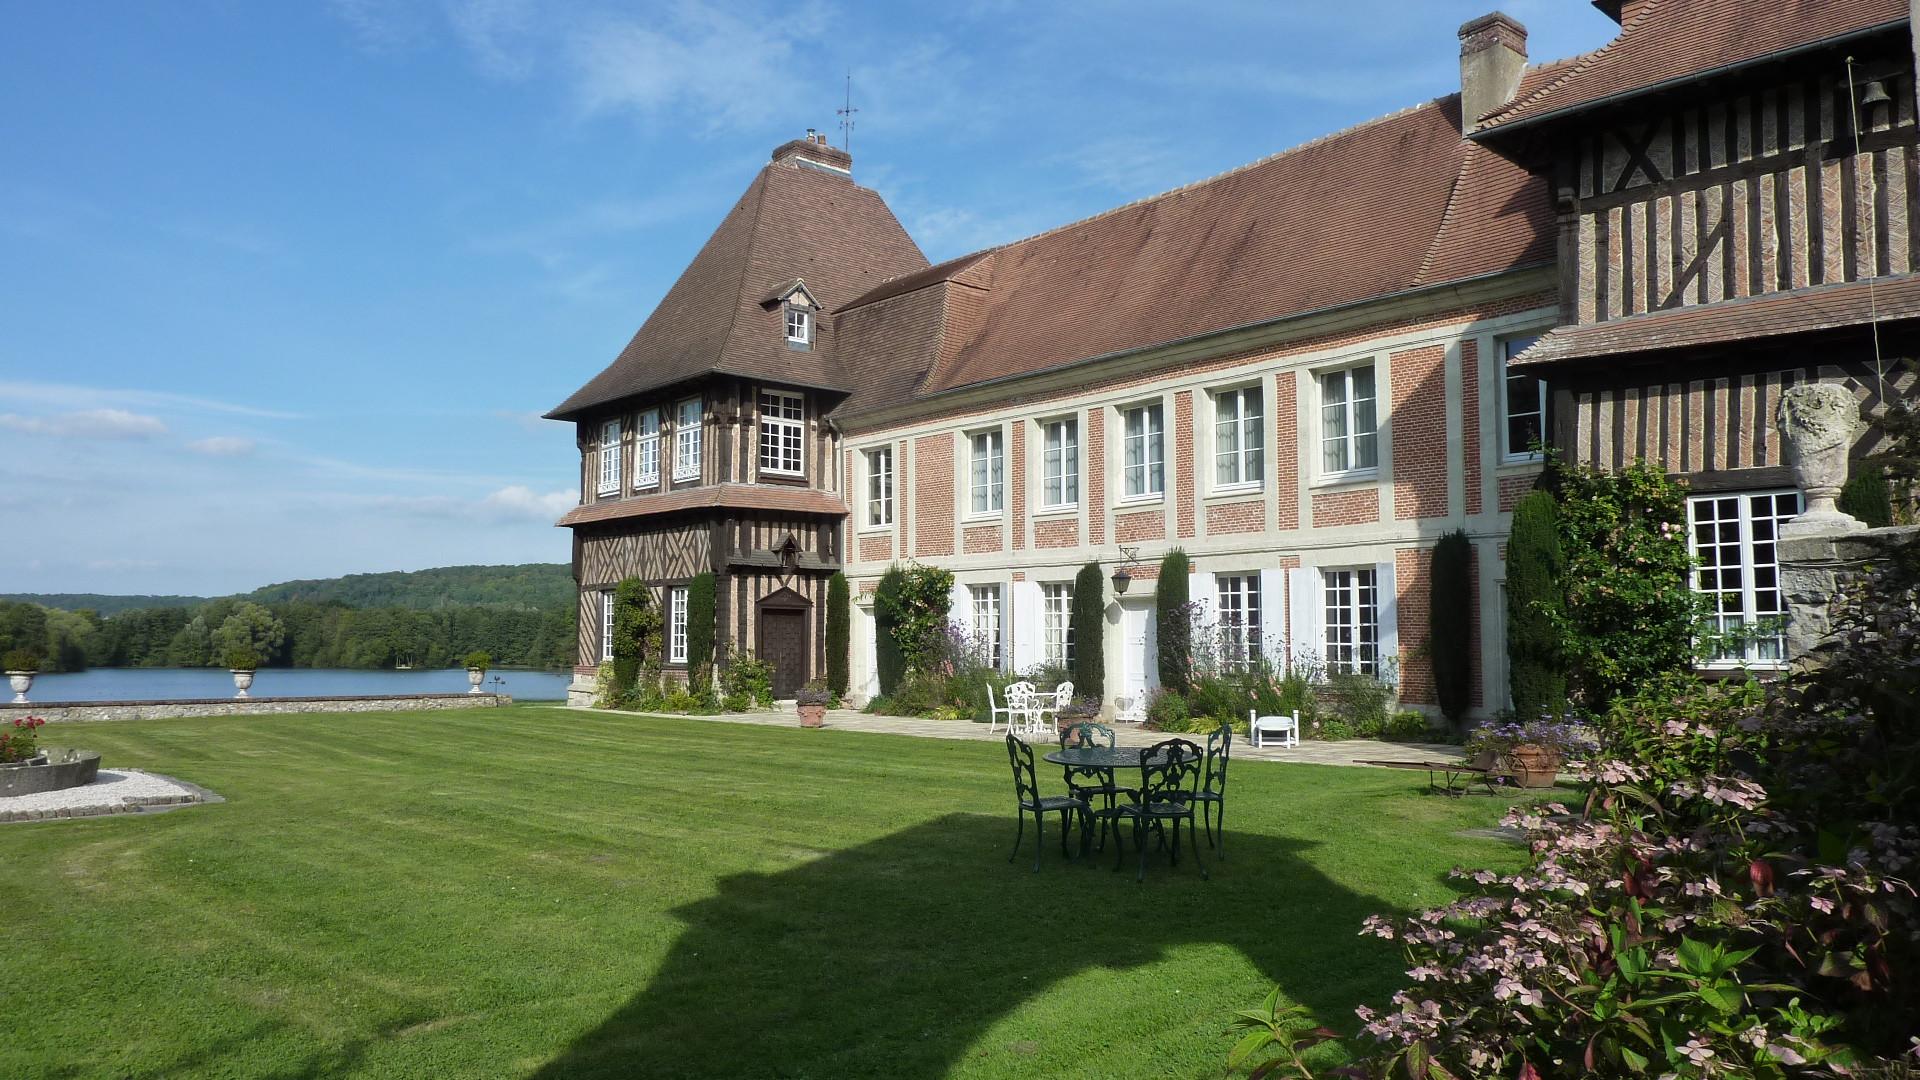 château_du_Breuil_extérieur_6.JPG